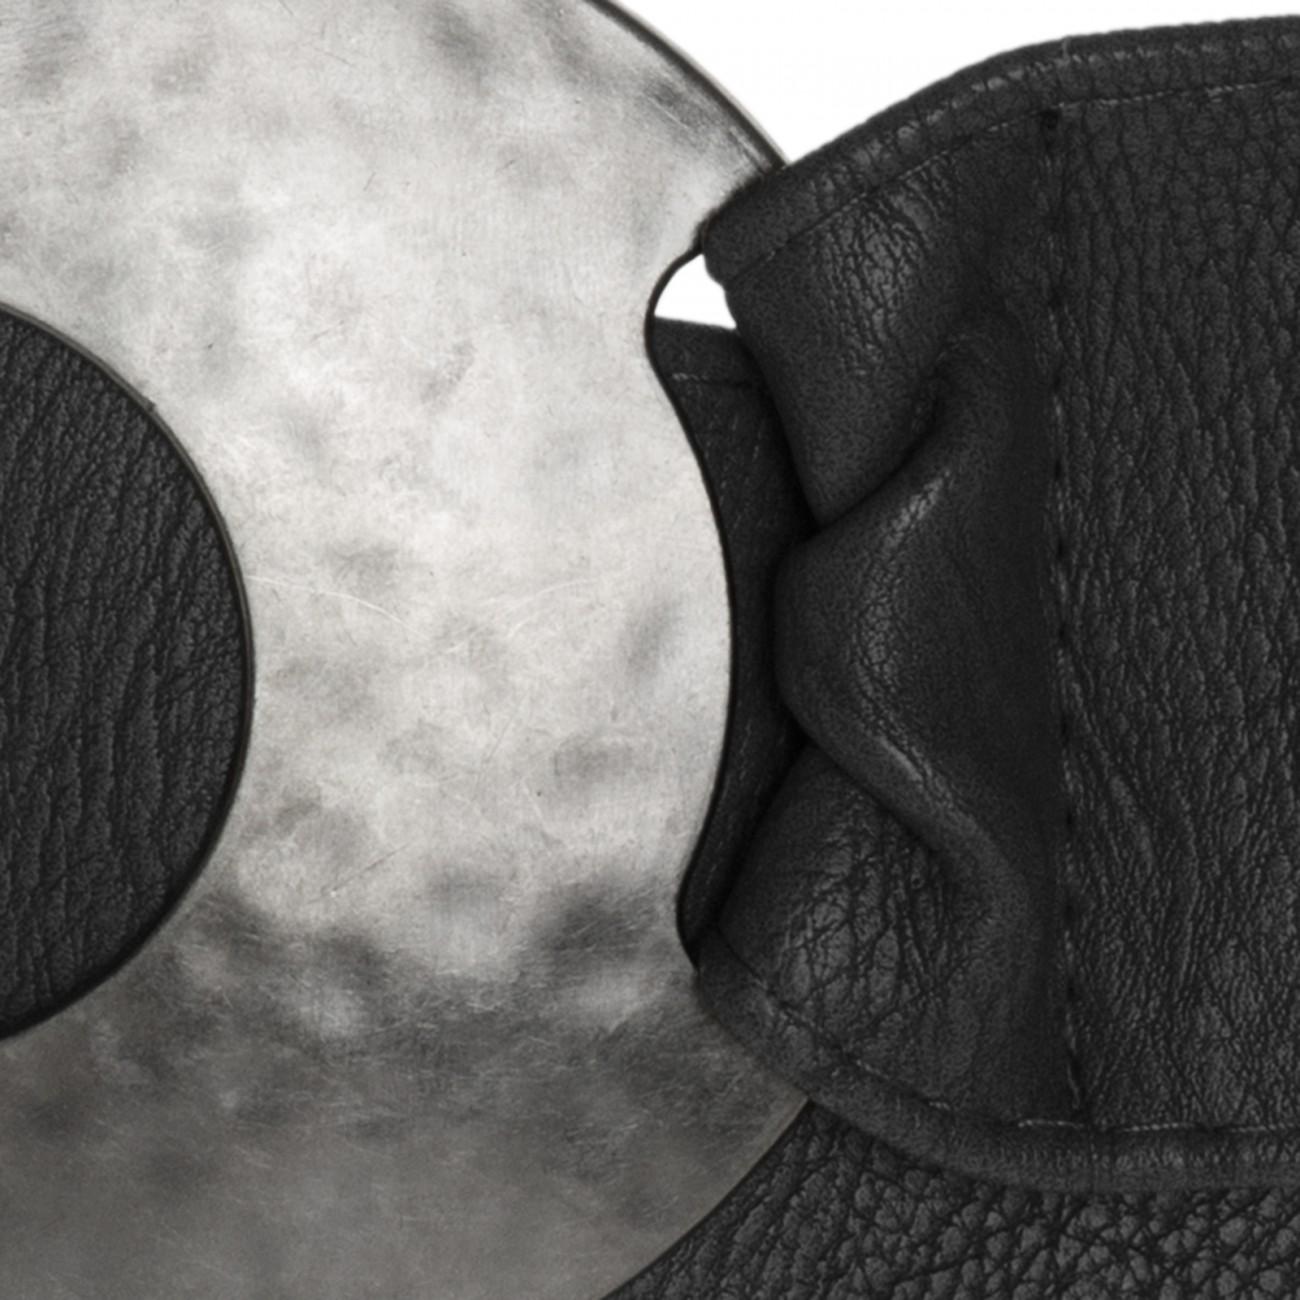 caspar damen breiter g rtel tailleng rtel mit grosser schnalle. Black Bedroom Furniture Sets. Home Design Ideas